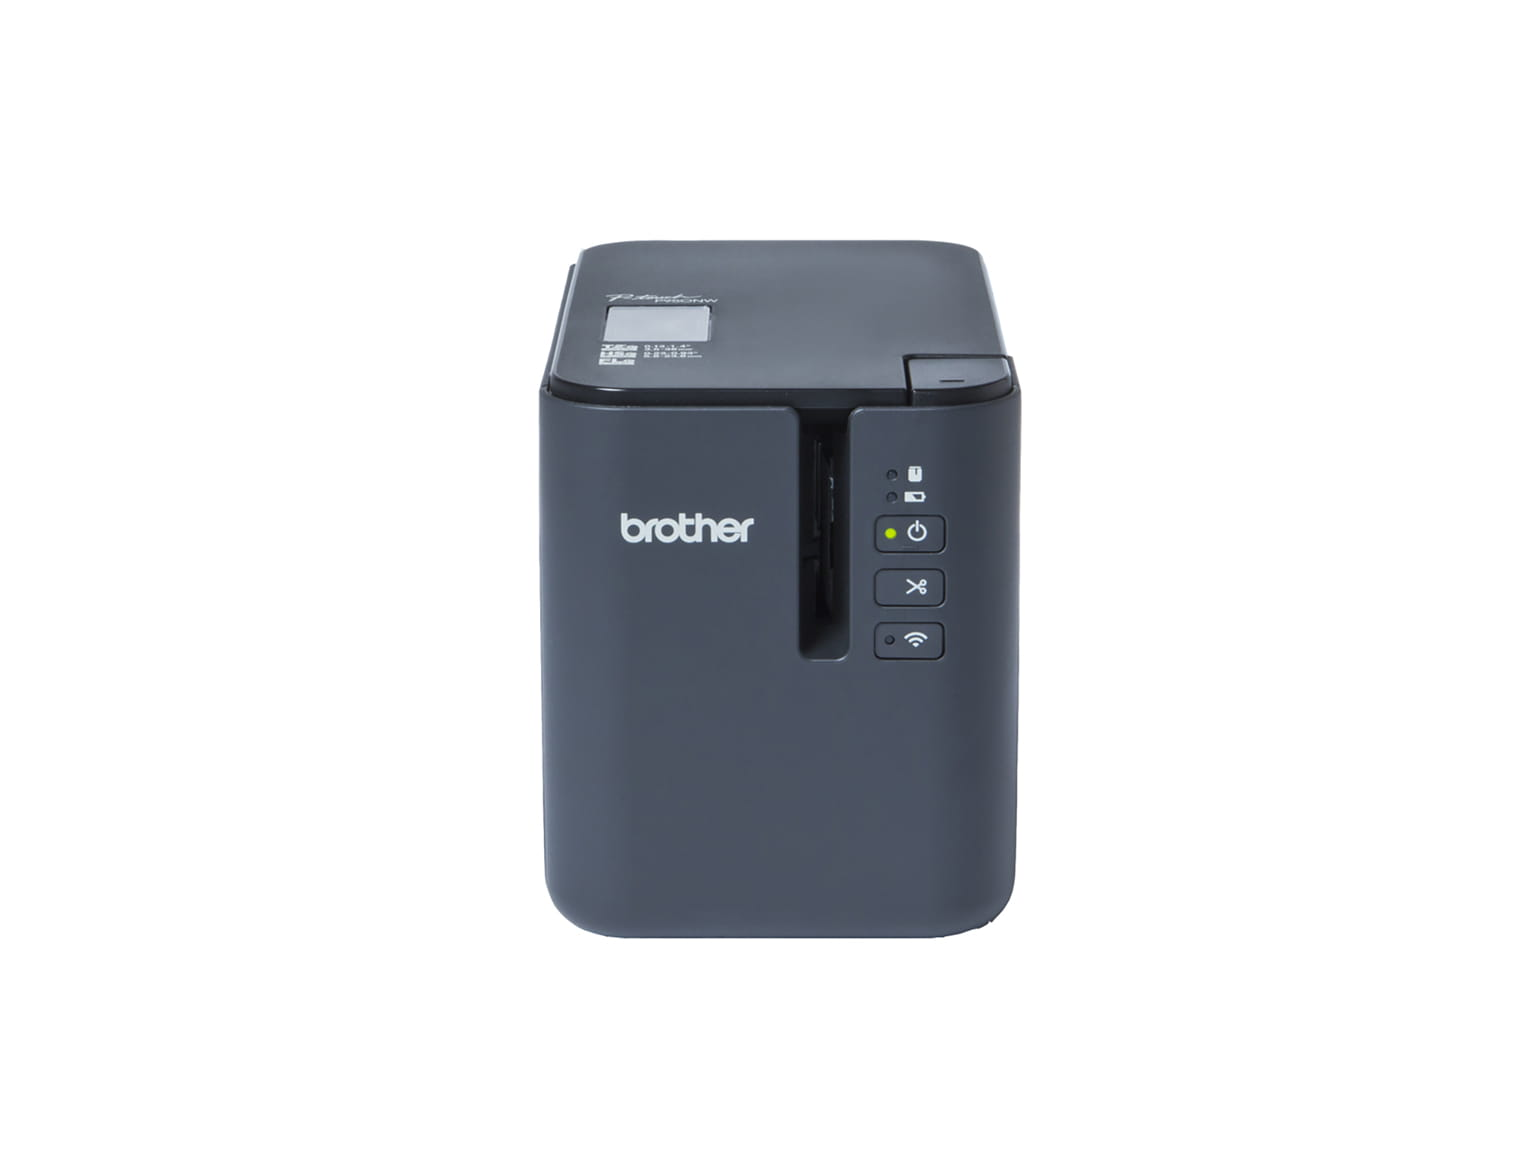 Imprimanta de eticheta Brother P-touch PT-P950NW cu USB, Wi-Fi si retea cablata. Etichete de pana la 36mm.